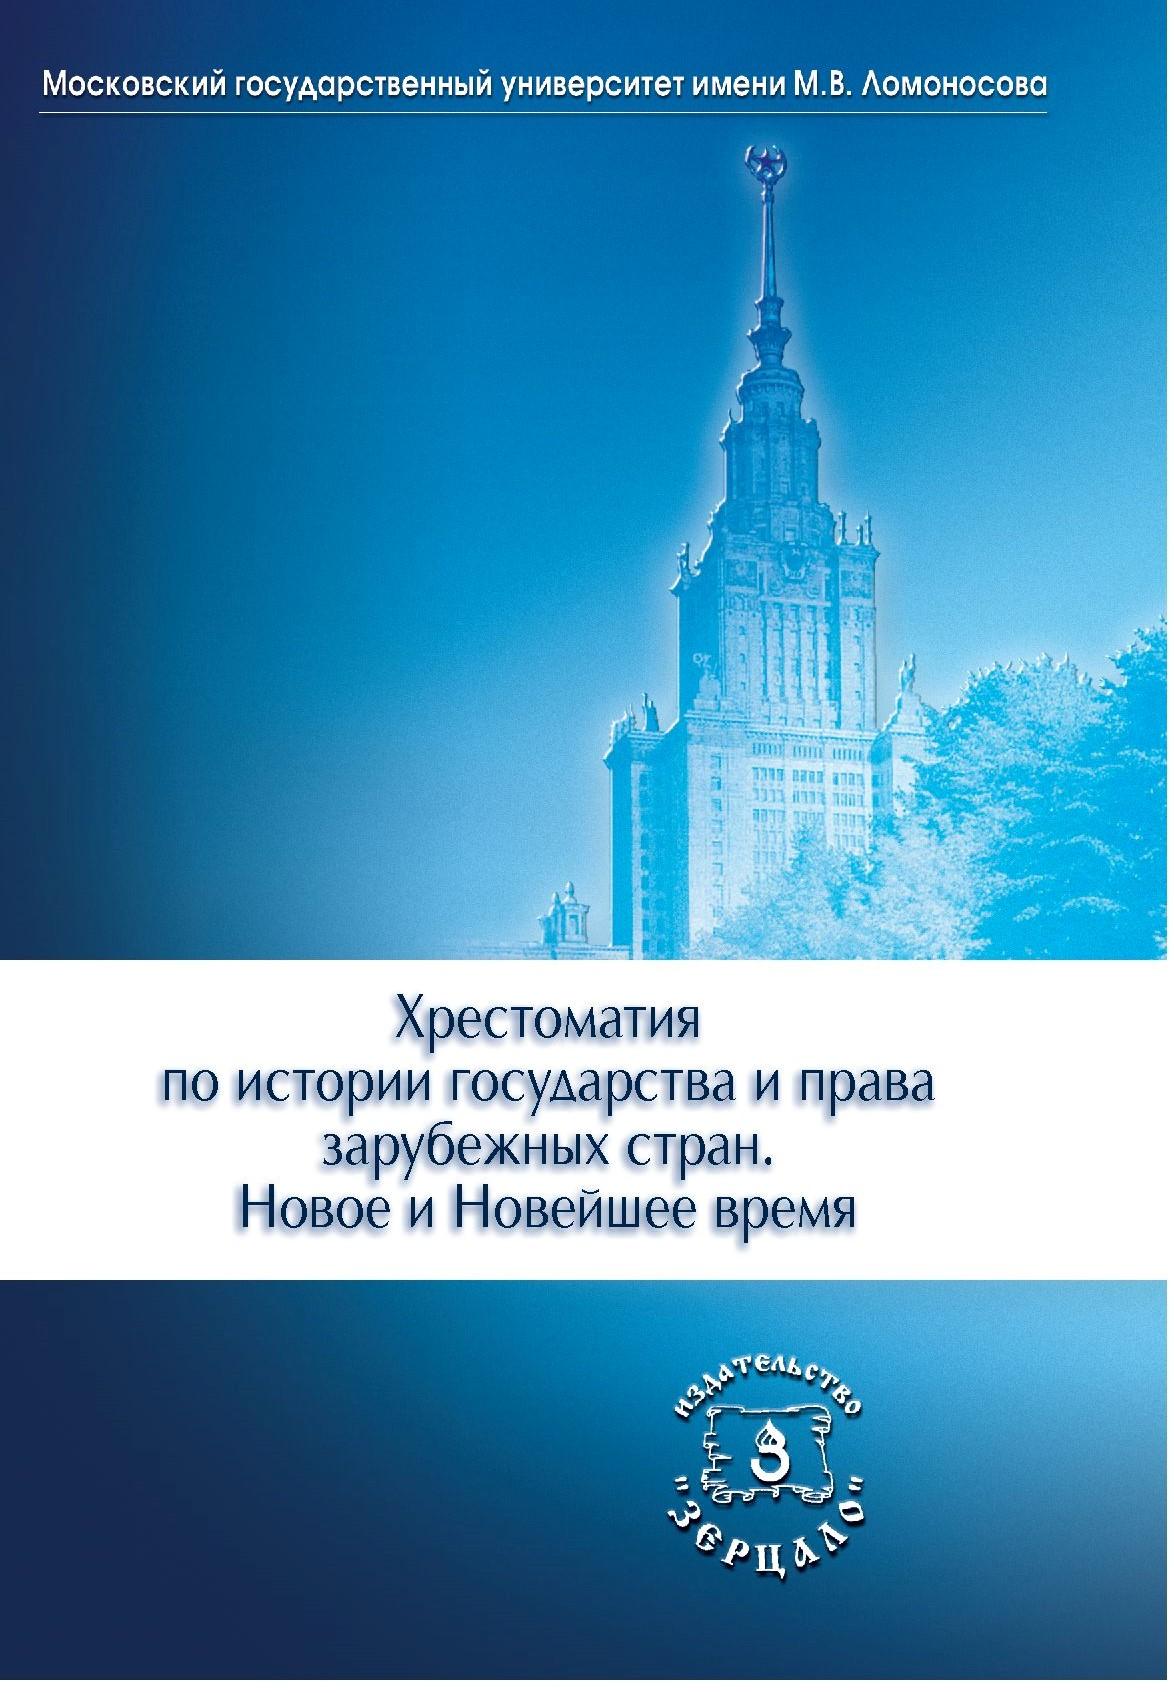 Томсинов В.А. Хрестоматия по ИГПЗС. Часть 2 (2018)